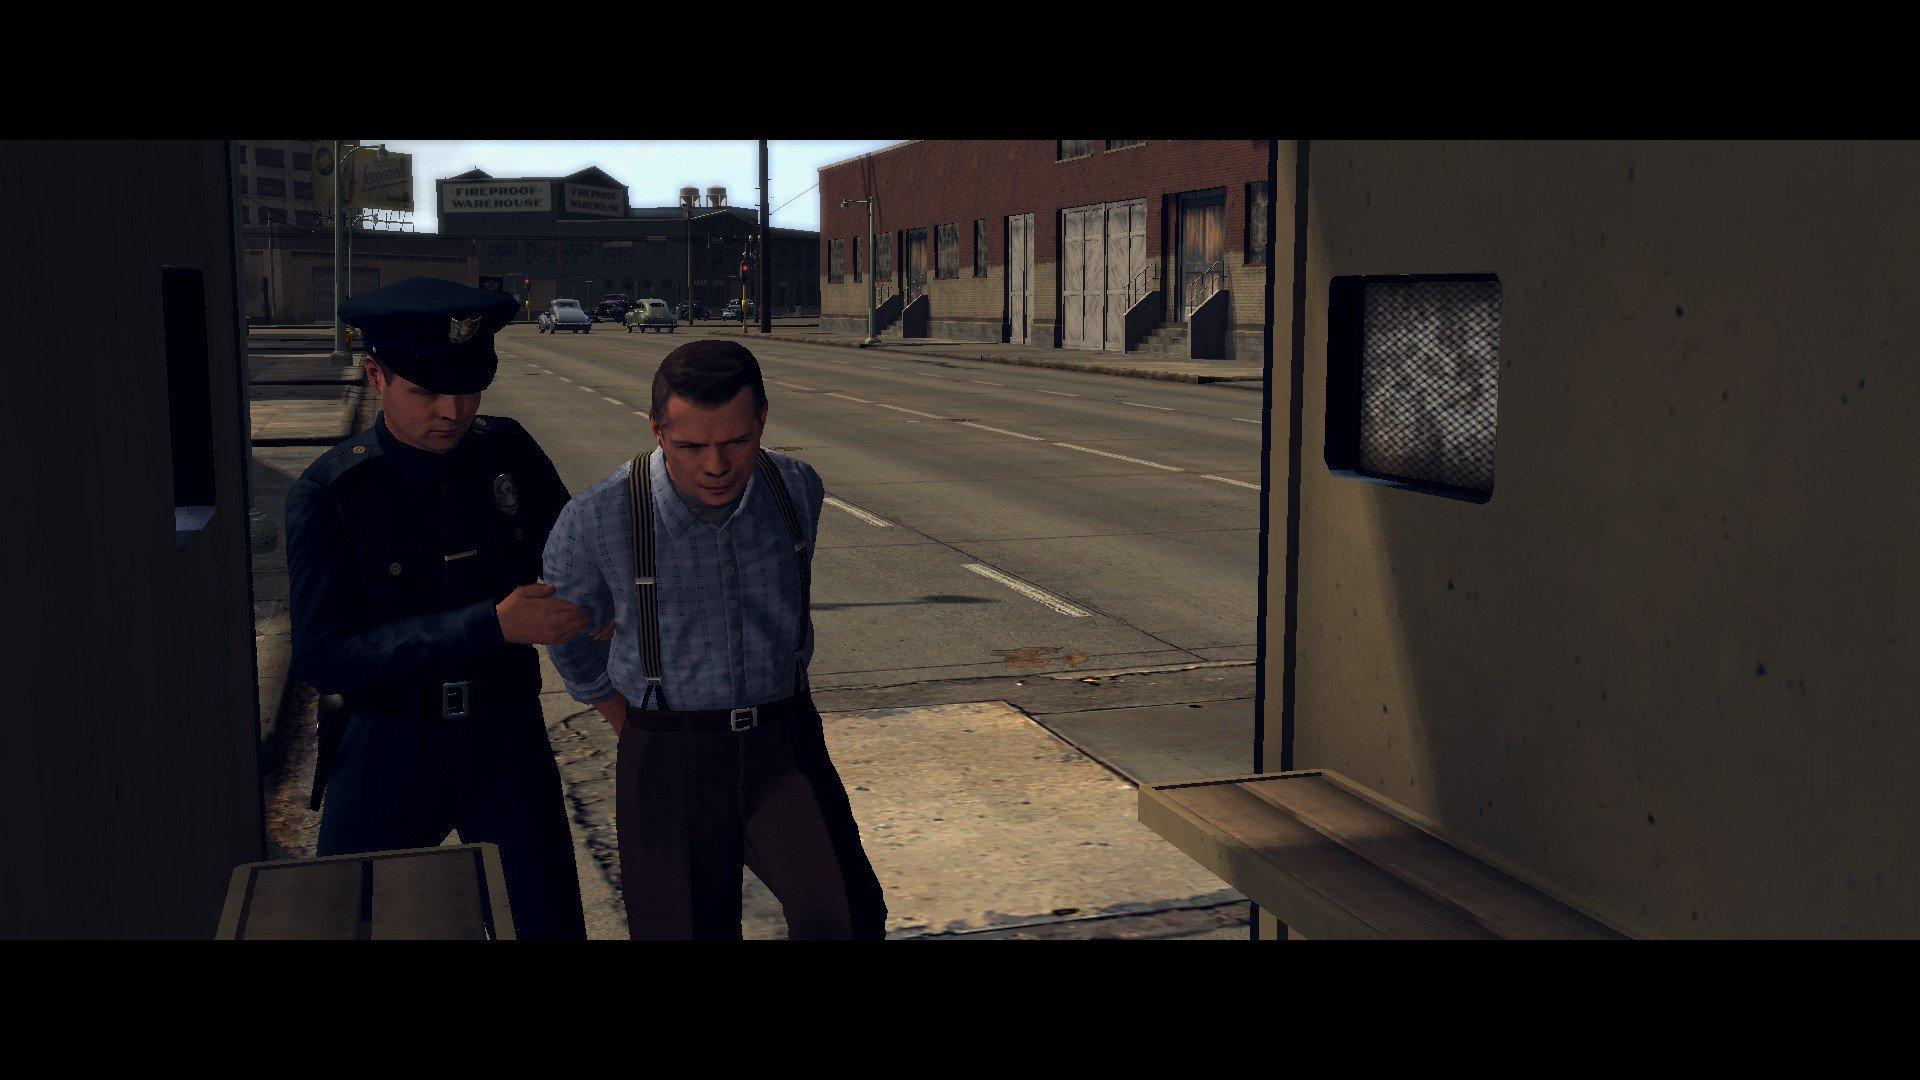 Пост-прохождение L.A. Noire Часть 7 - Изображение 37